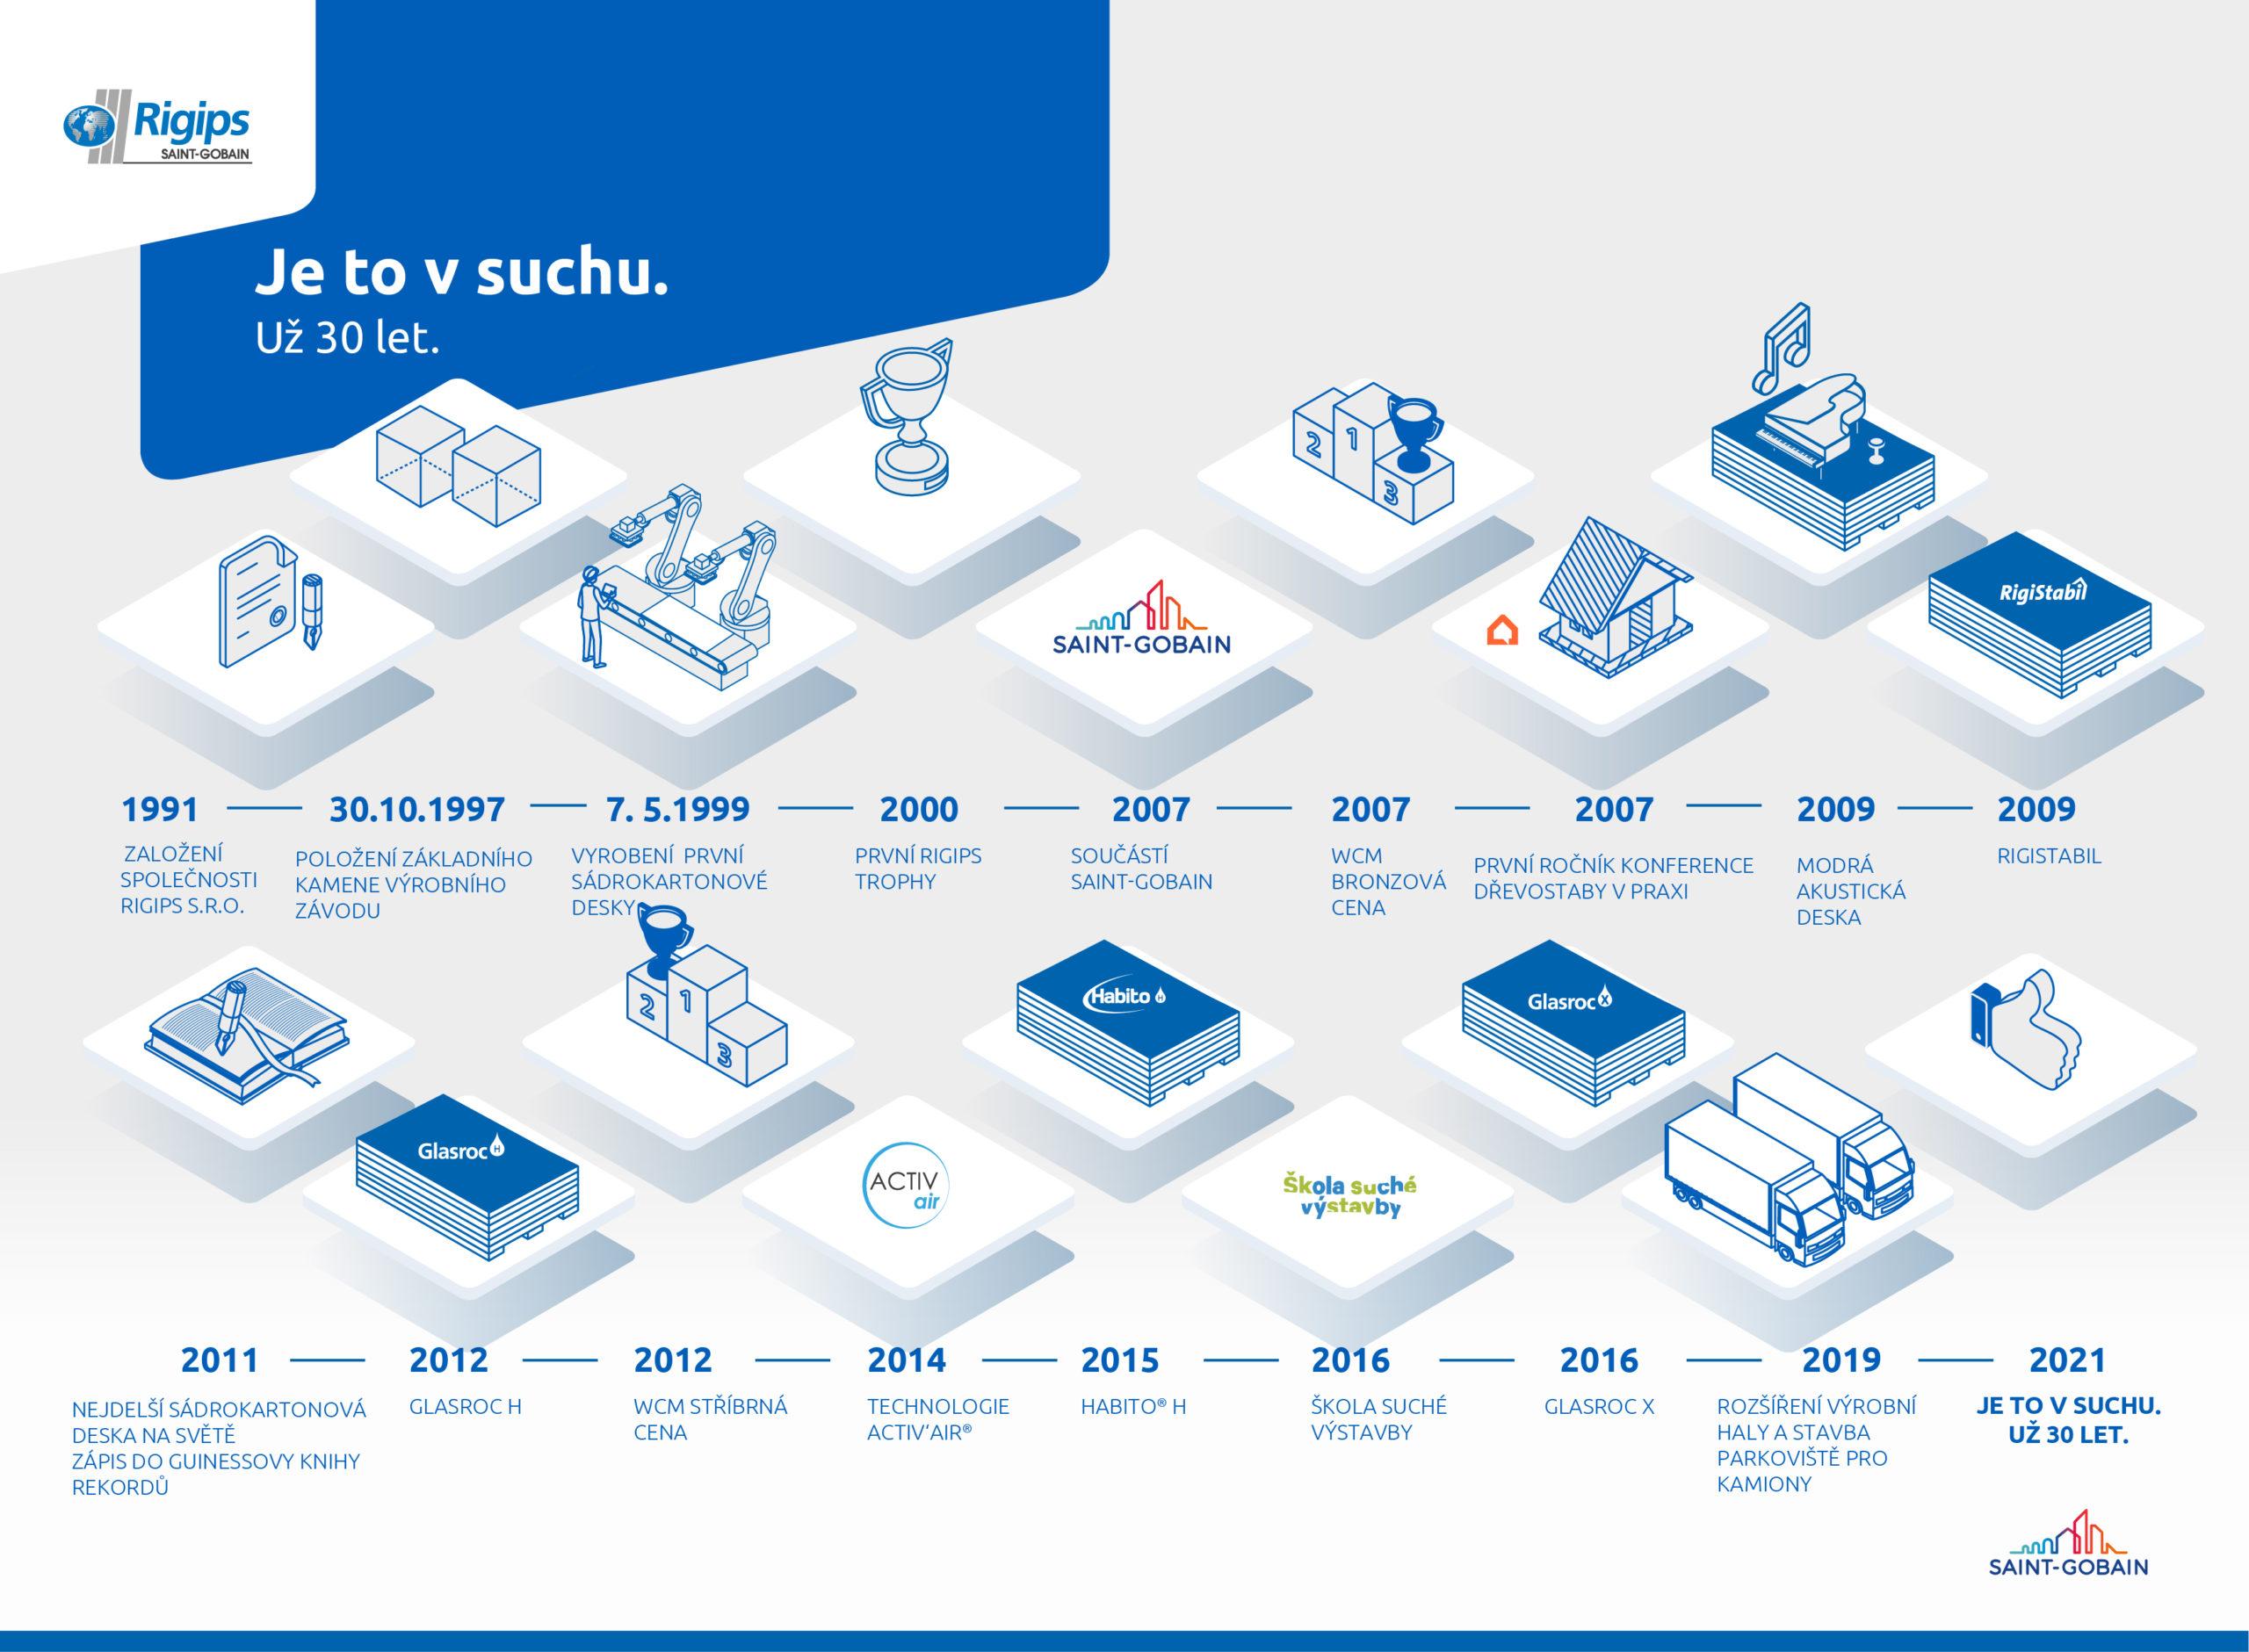 Klíčové momenty v historii 30 let značky Rigips